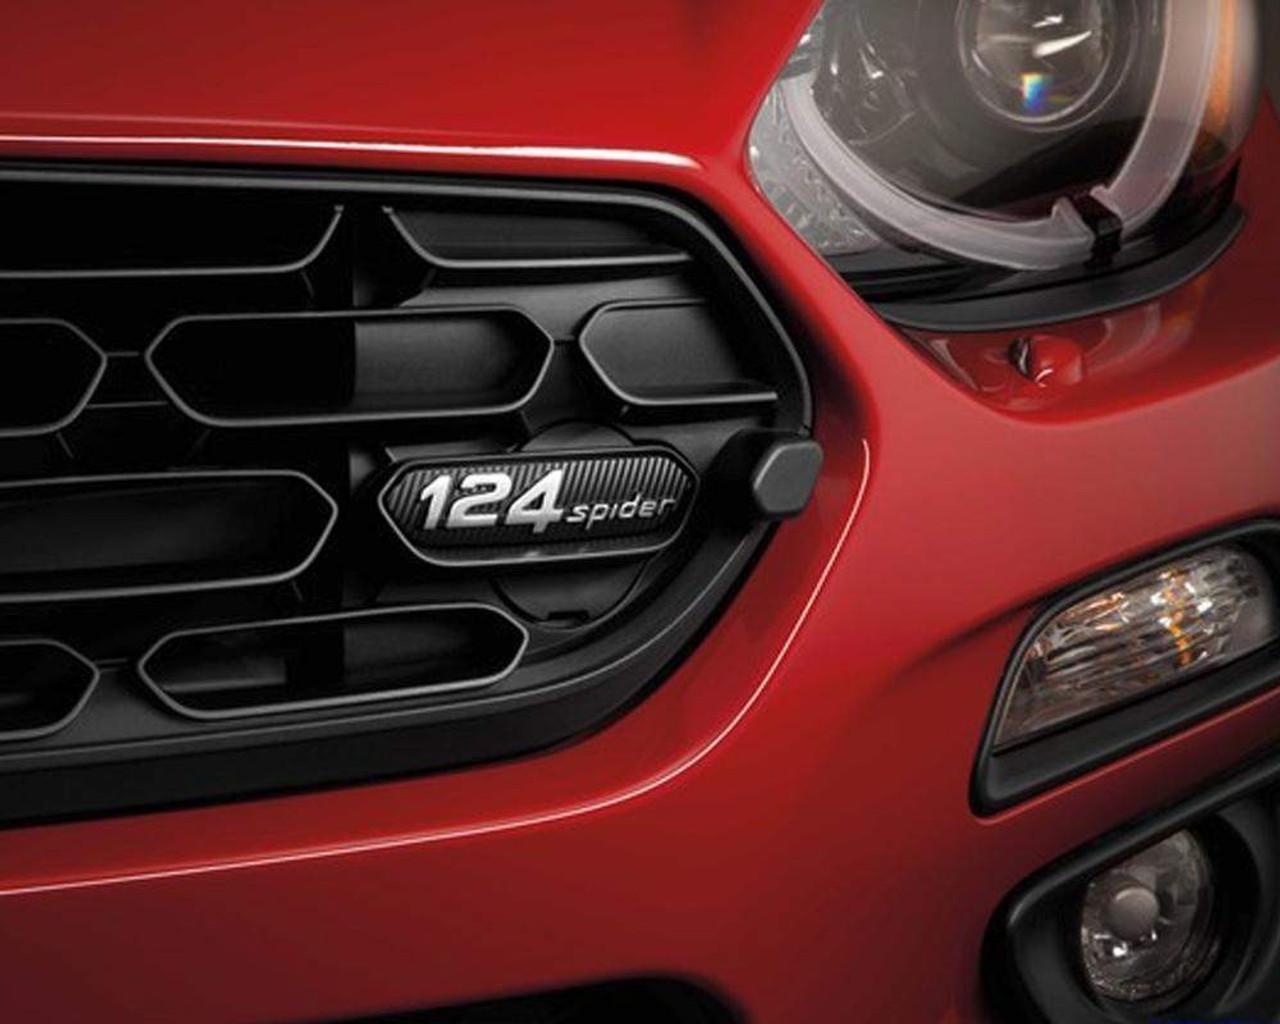 2017-on FIAT 124 Spider Grille Emblem - Black Finned